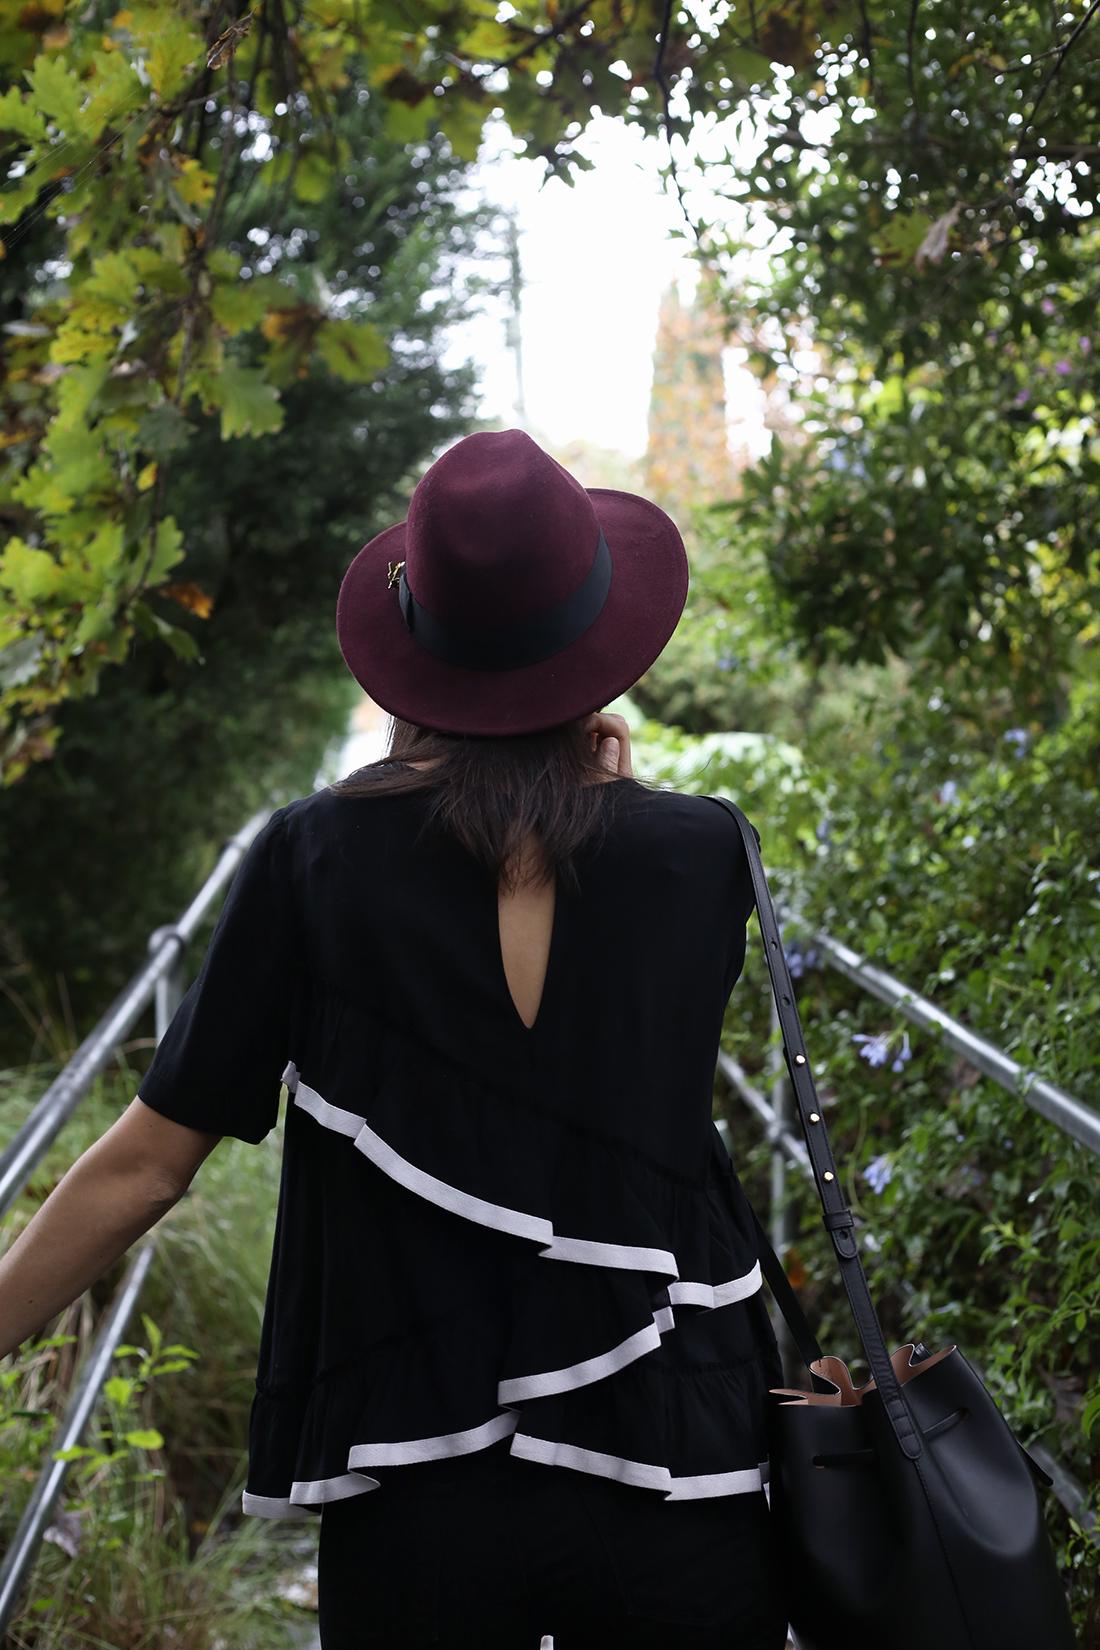 ruby nz gattabravo j brand karen walker minimal style